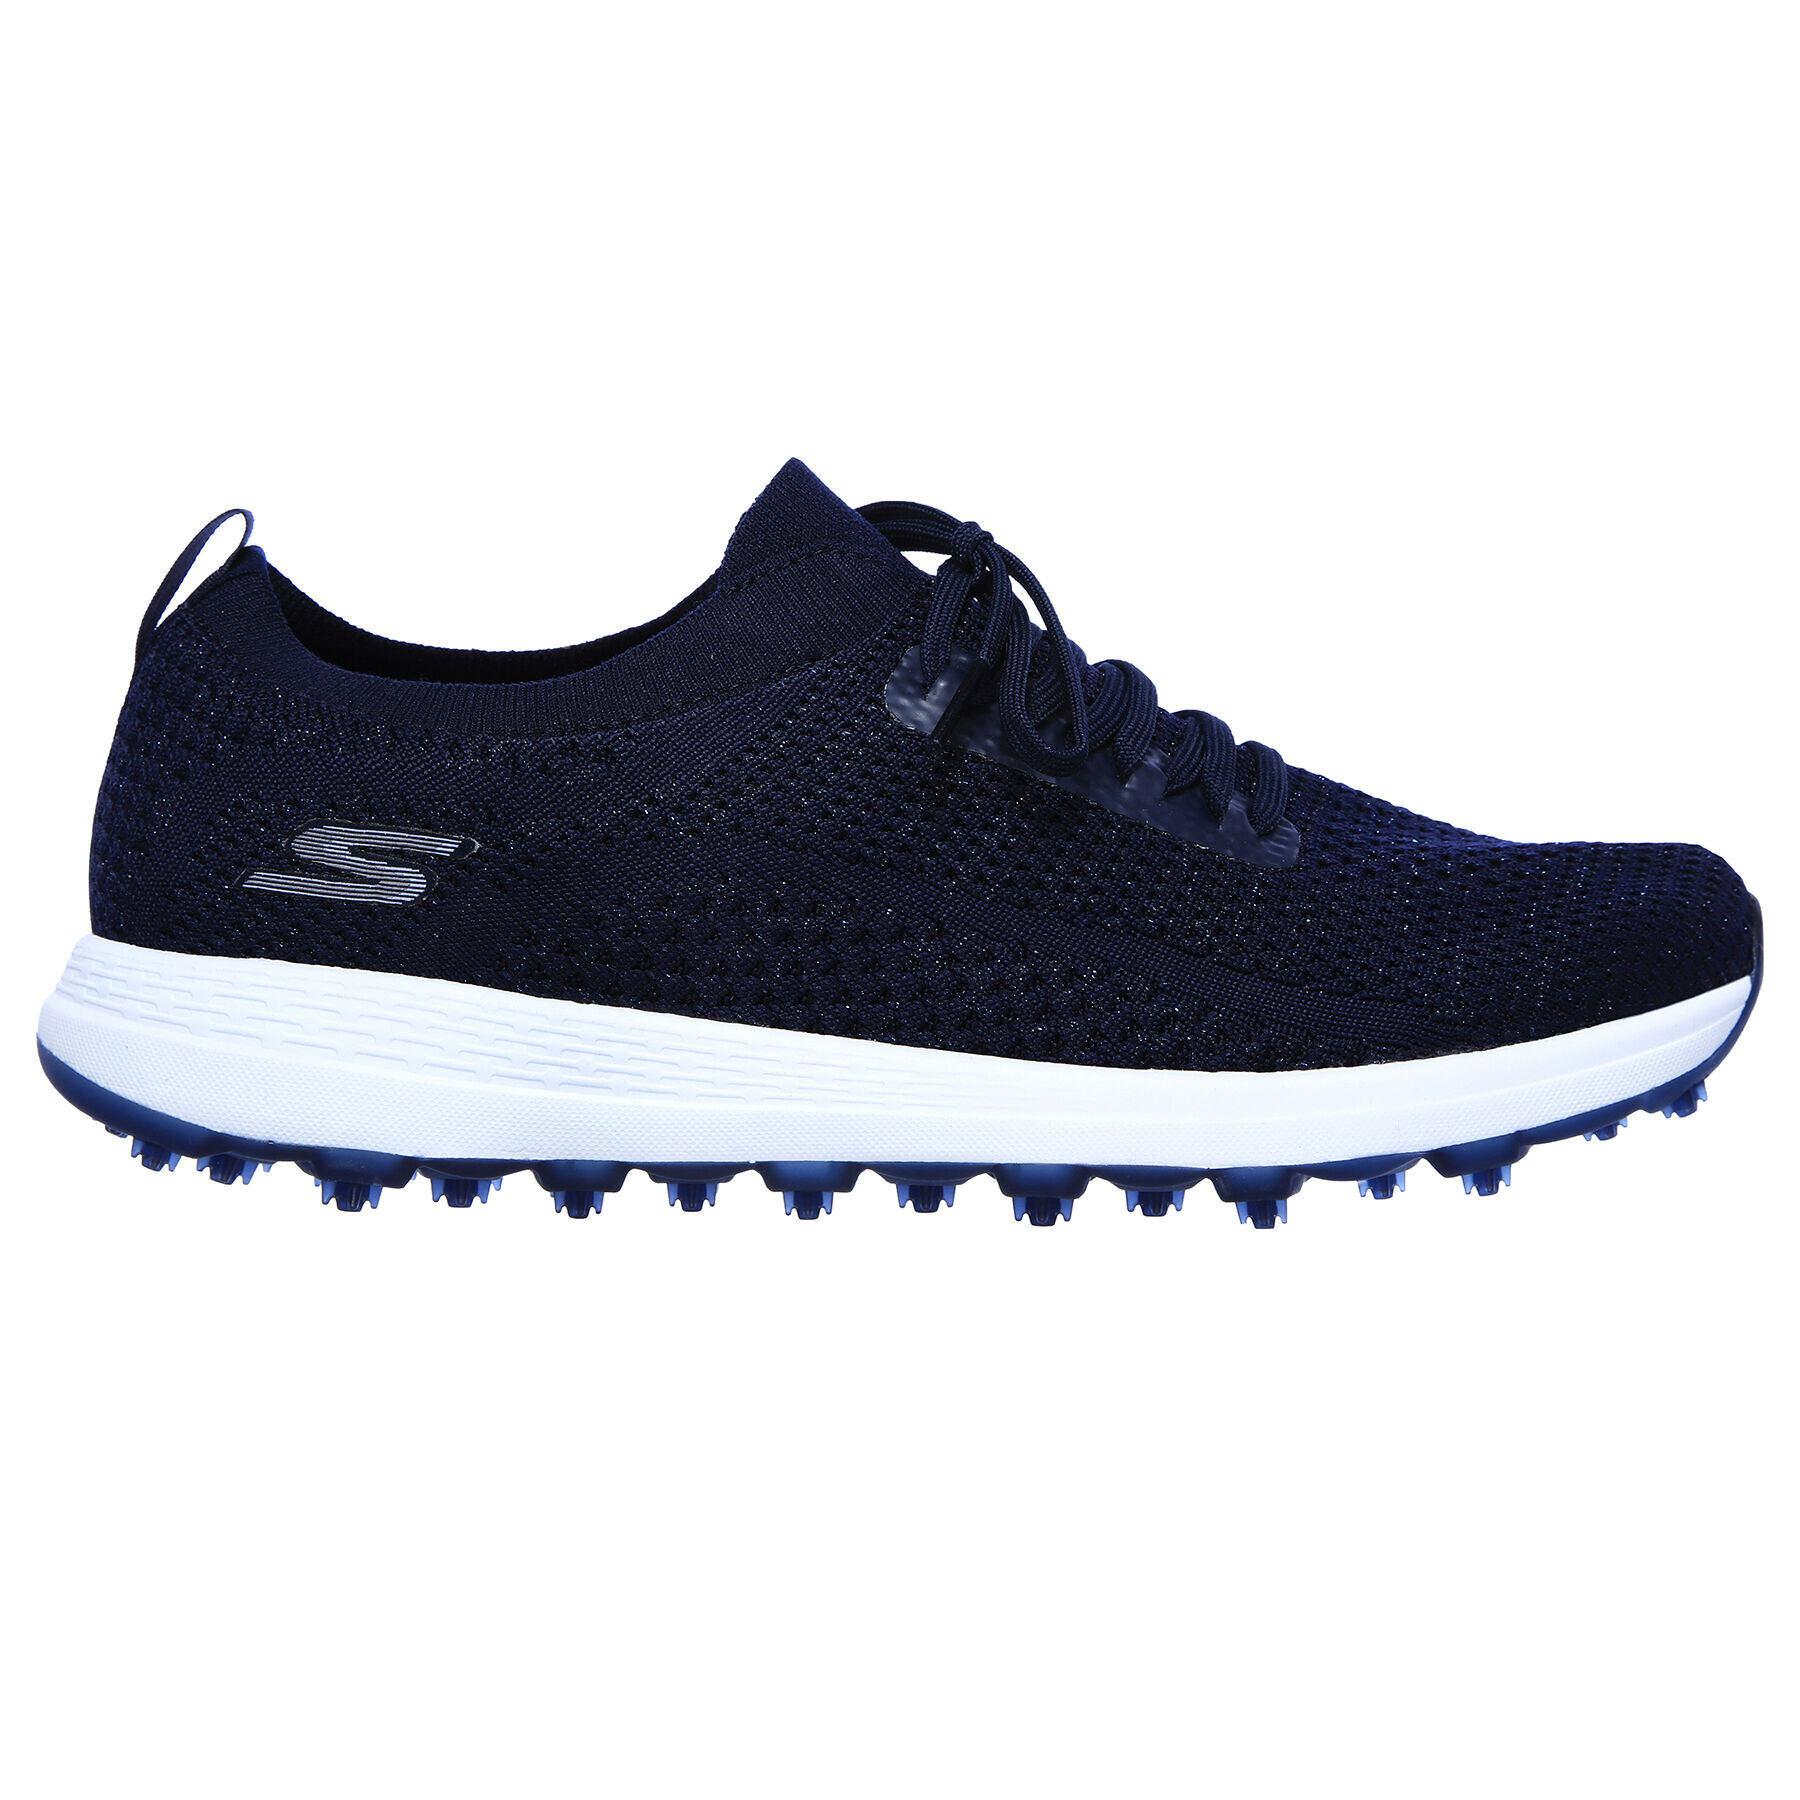 skechers women's go golf pro shoe